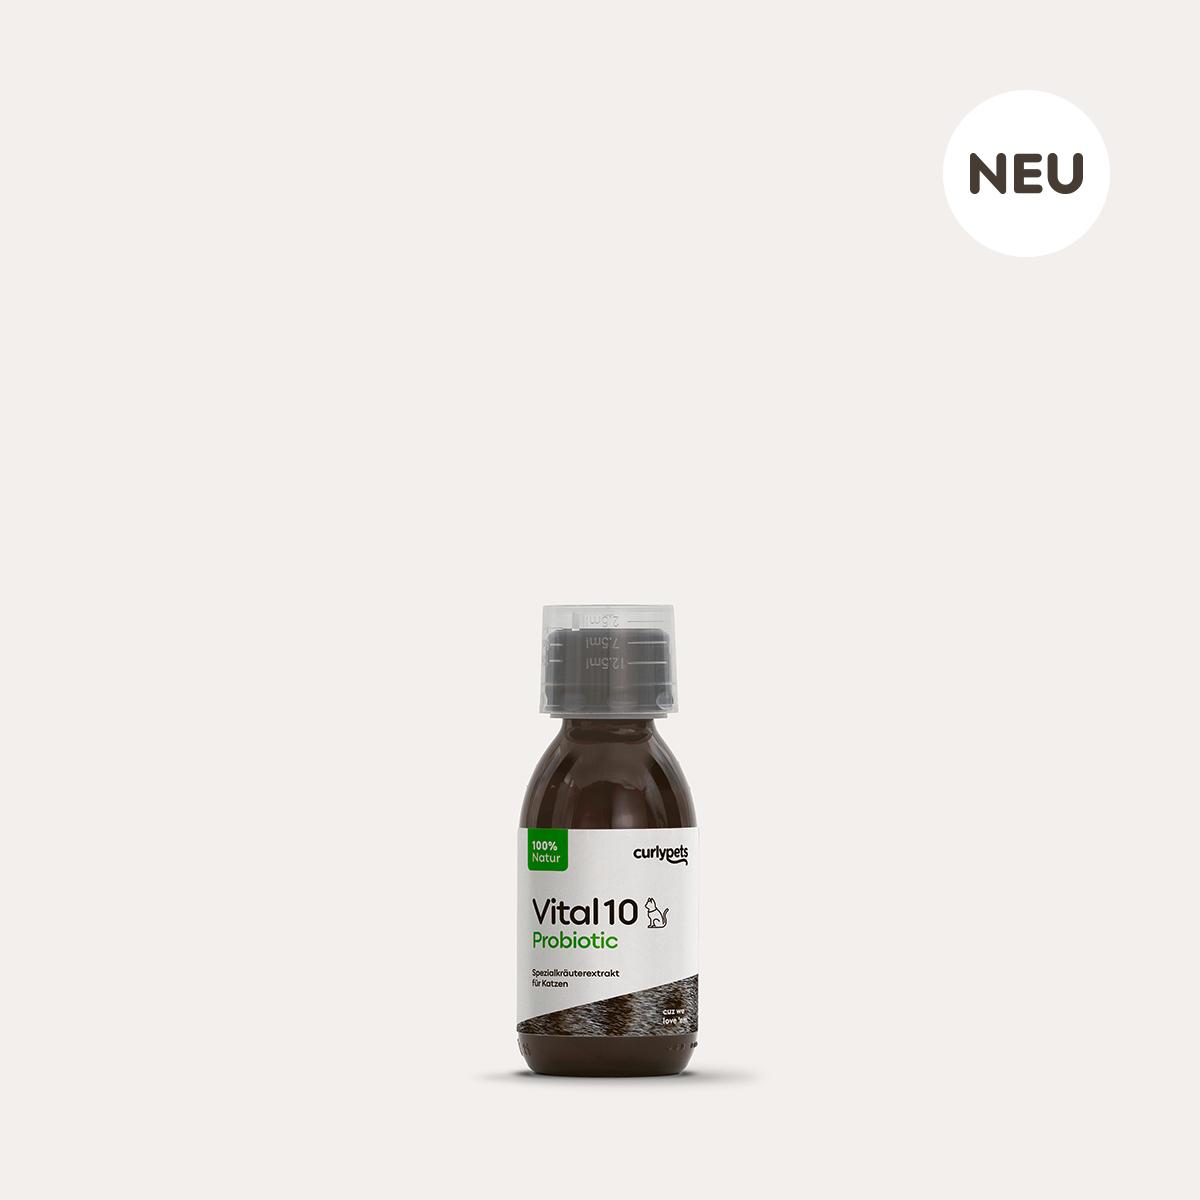 Braune Vital10 Cat Probiotic 125ml Glasflasche mit Schraubverschluß, Messbecher und Etikett